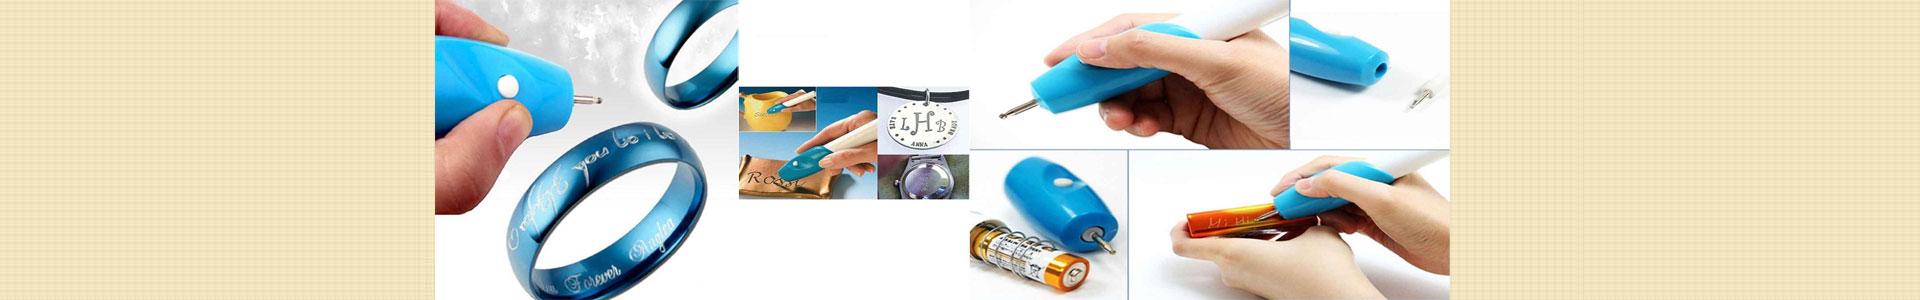 خرید قلم حکاکی اصل ارزان و هویه حکاکی روی اشیا 15000 تومان